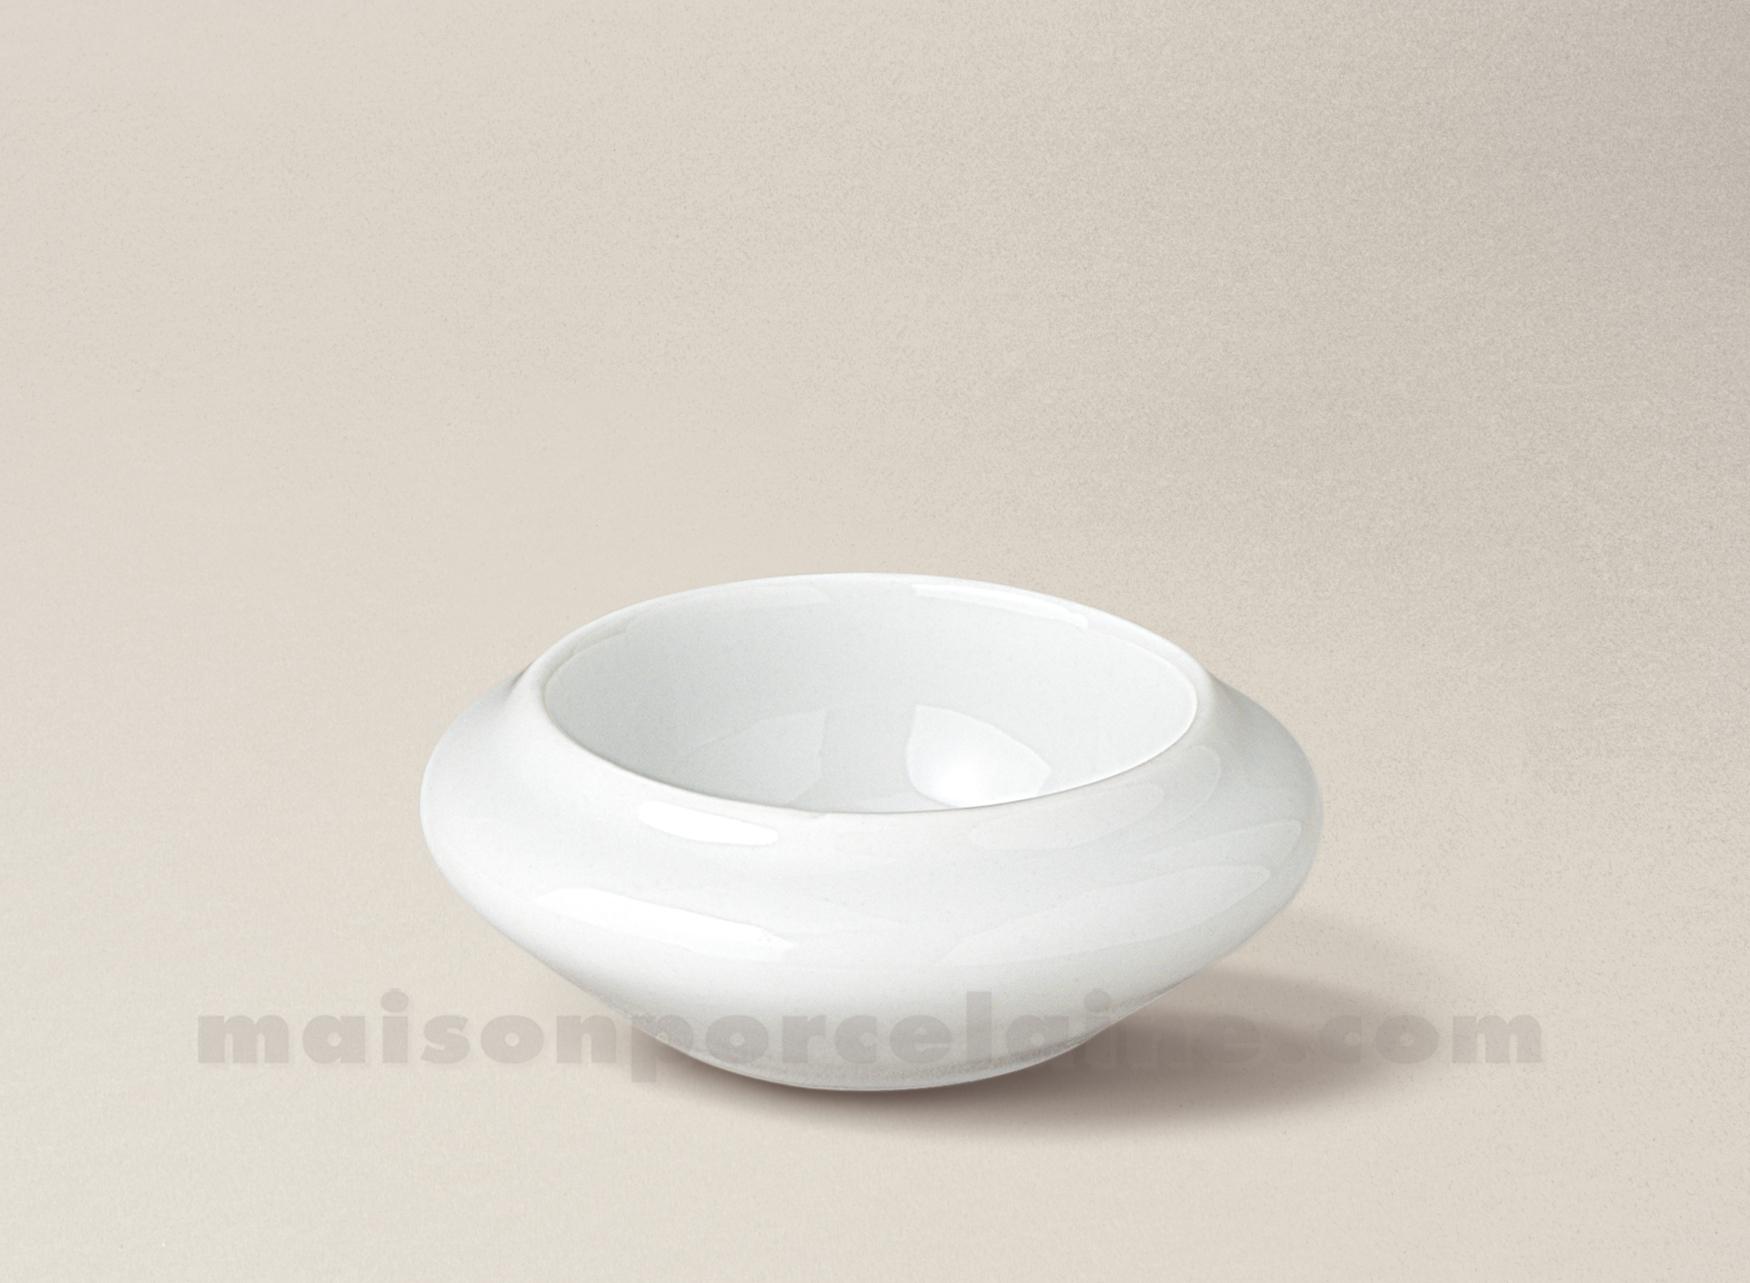 beurrier individuel porcelaine blanche rond 8x3 maison de la porcelaine. Black Bedroom Furniture Sets. Home Design Ideas